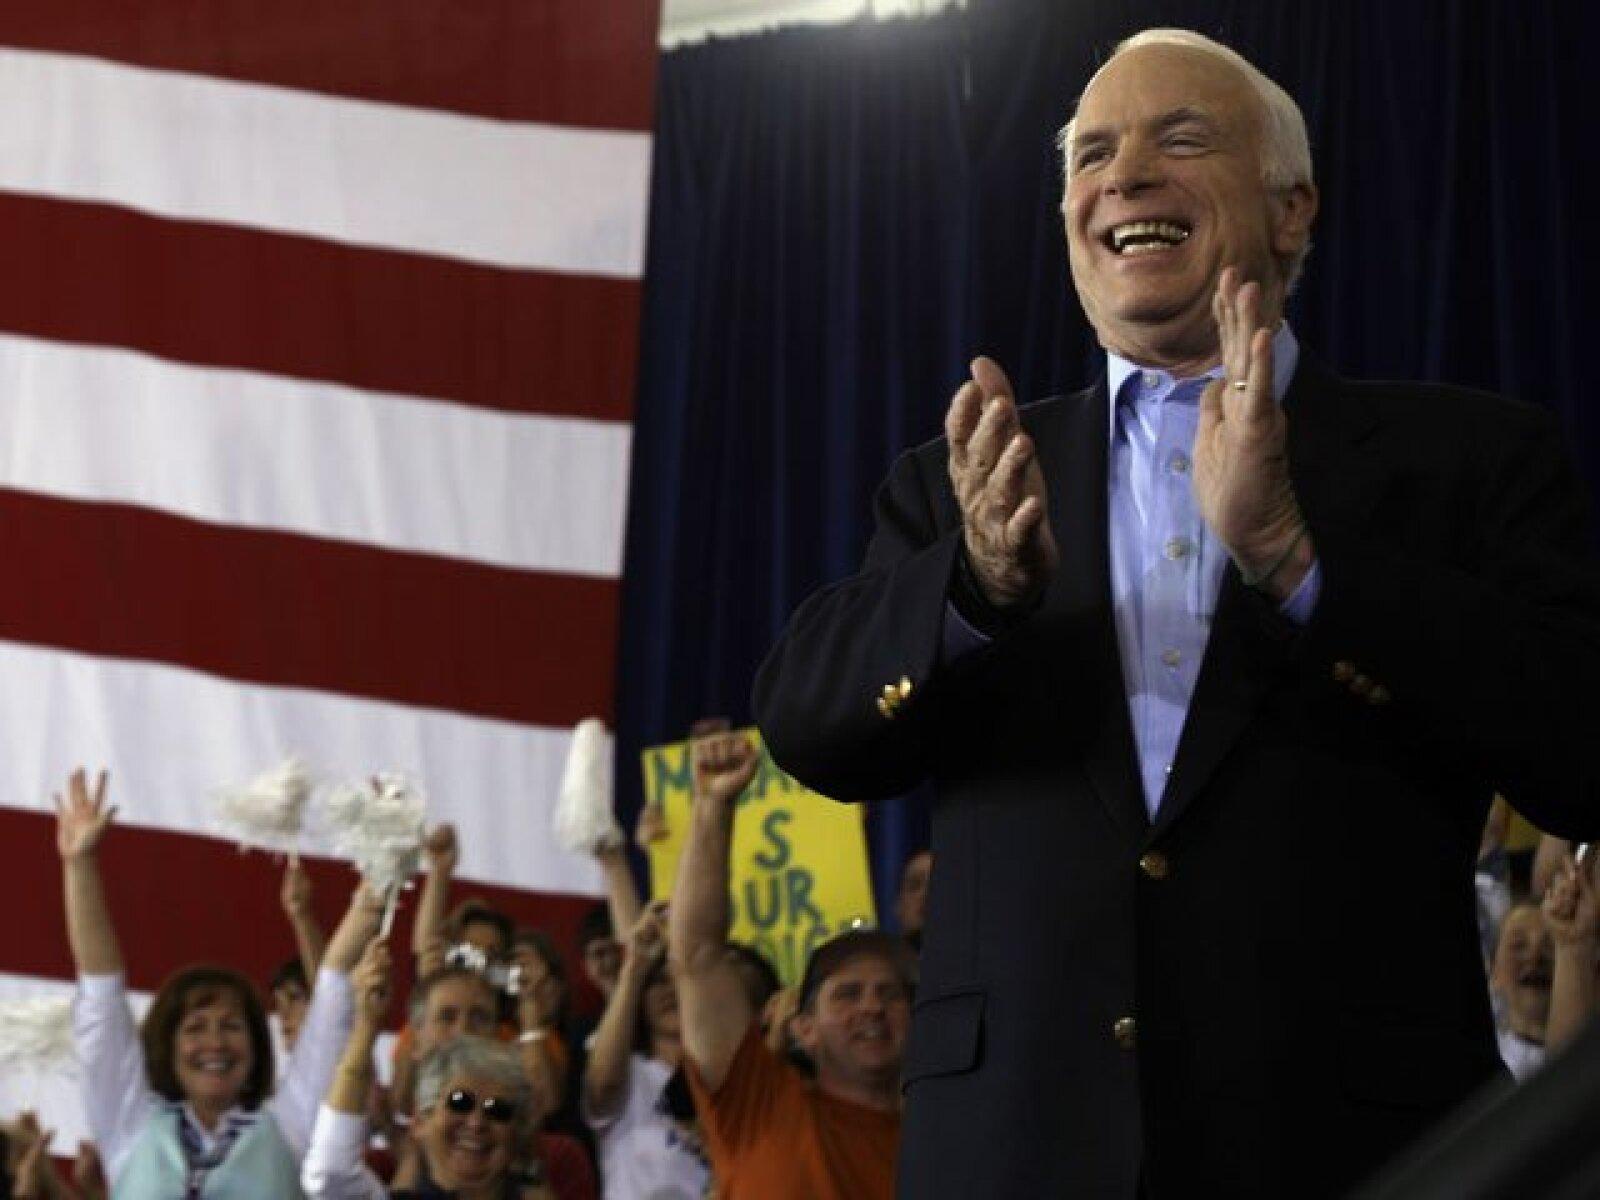 John McCain agendó un día más intenso. Primero amaneció en Florida para después trasladarse a Pensilvania, Indiana, Tennessee, Nuevo México y Nevada, para acabar en Arizona. En la imagen, el candidato republicano en Moon Township, Pennsylvania.